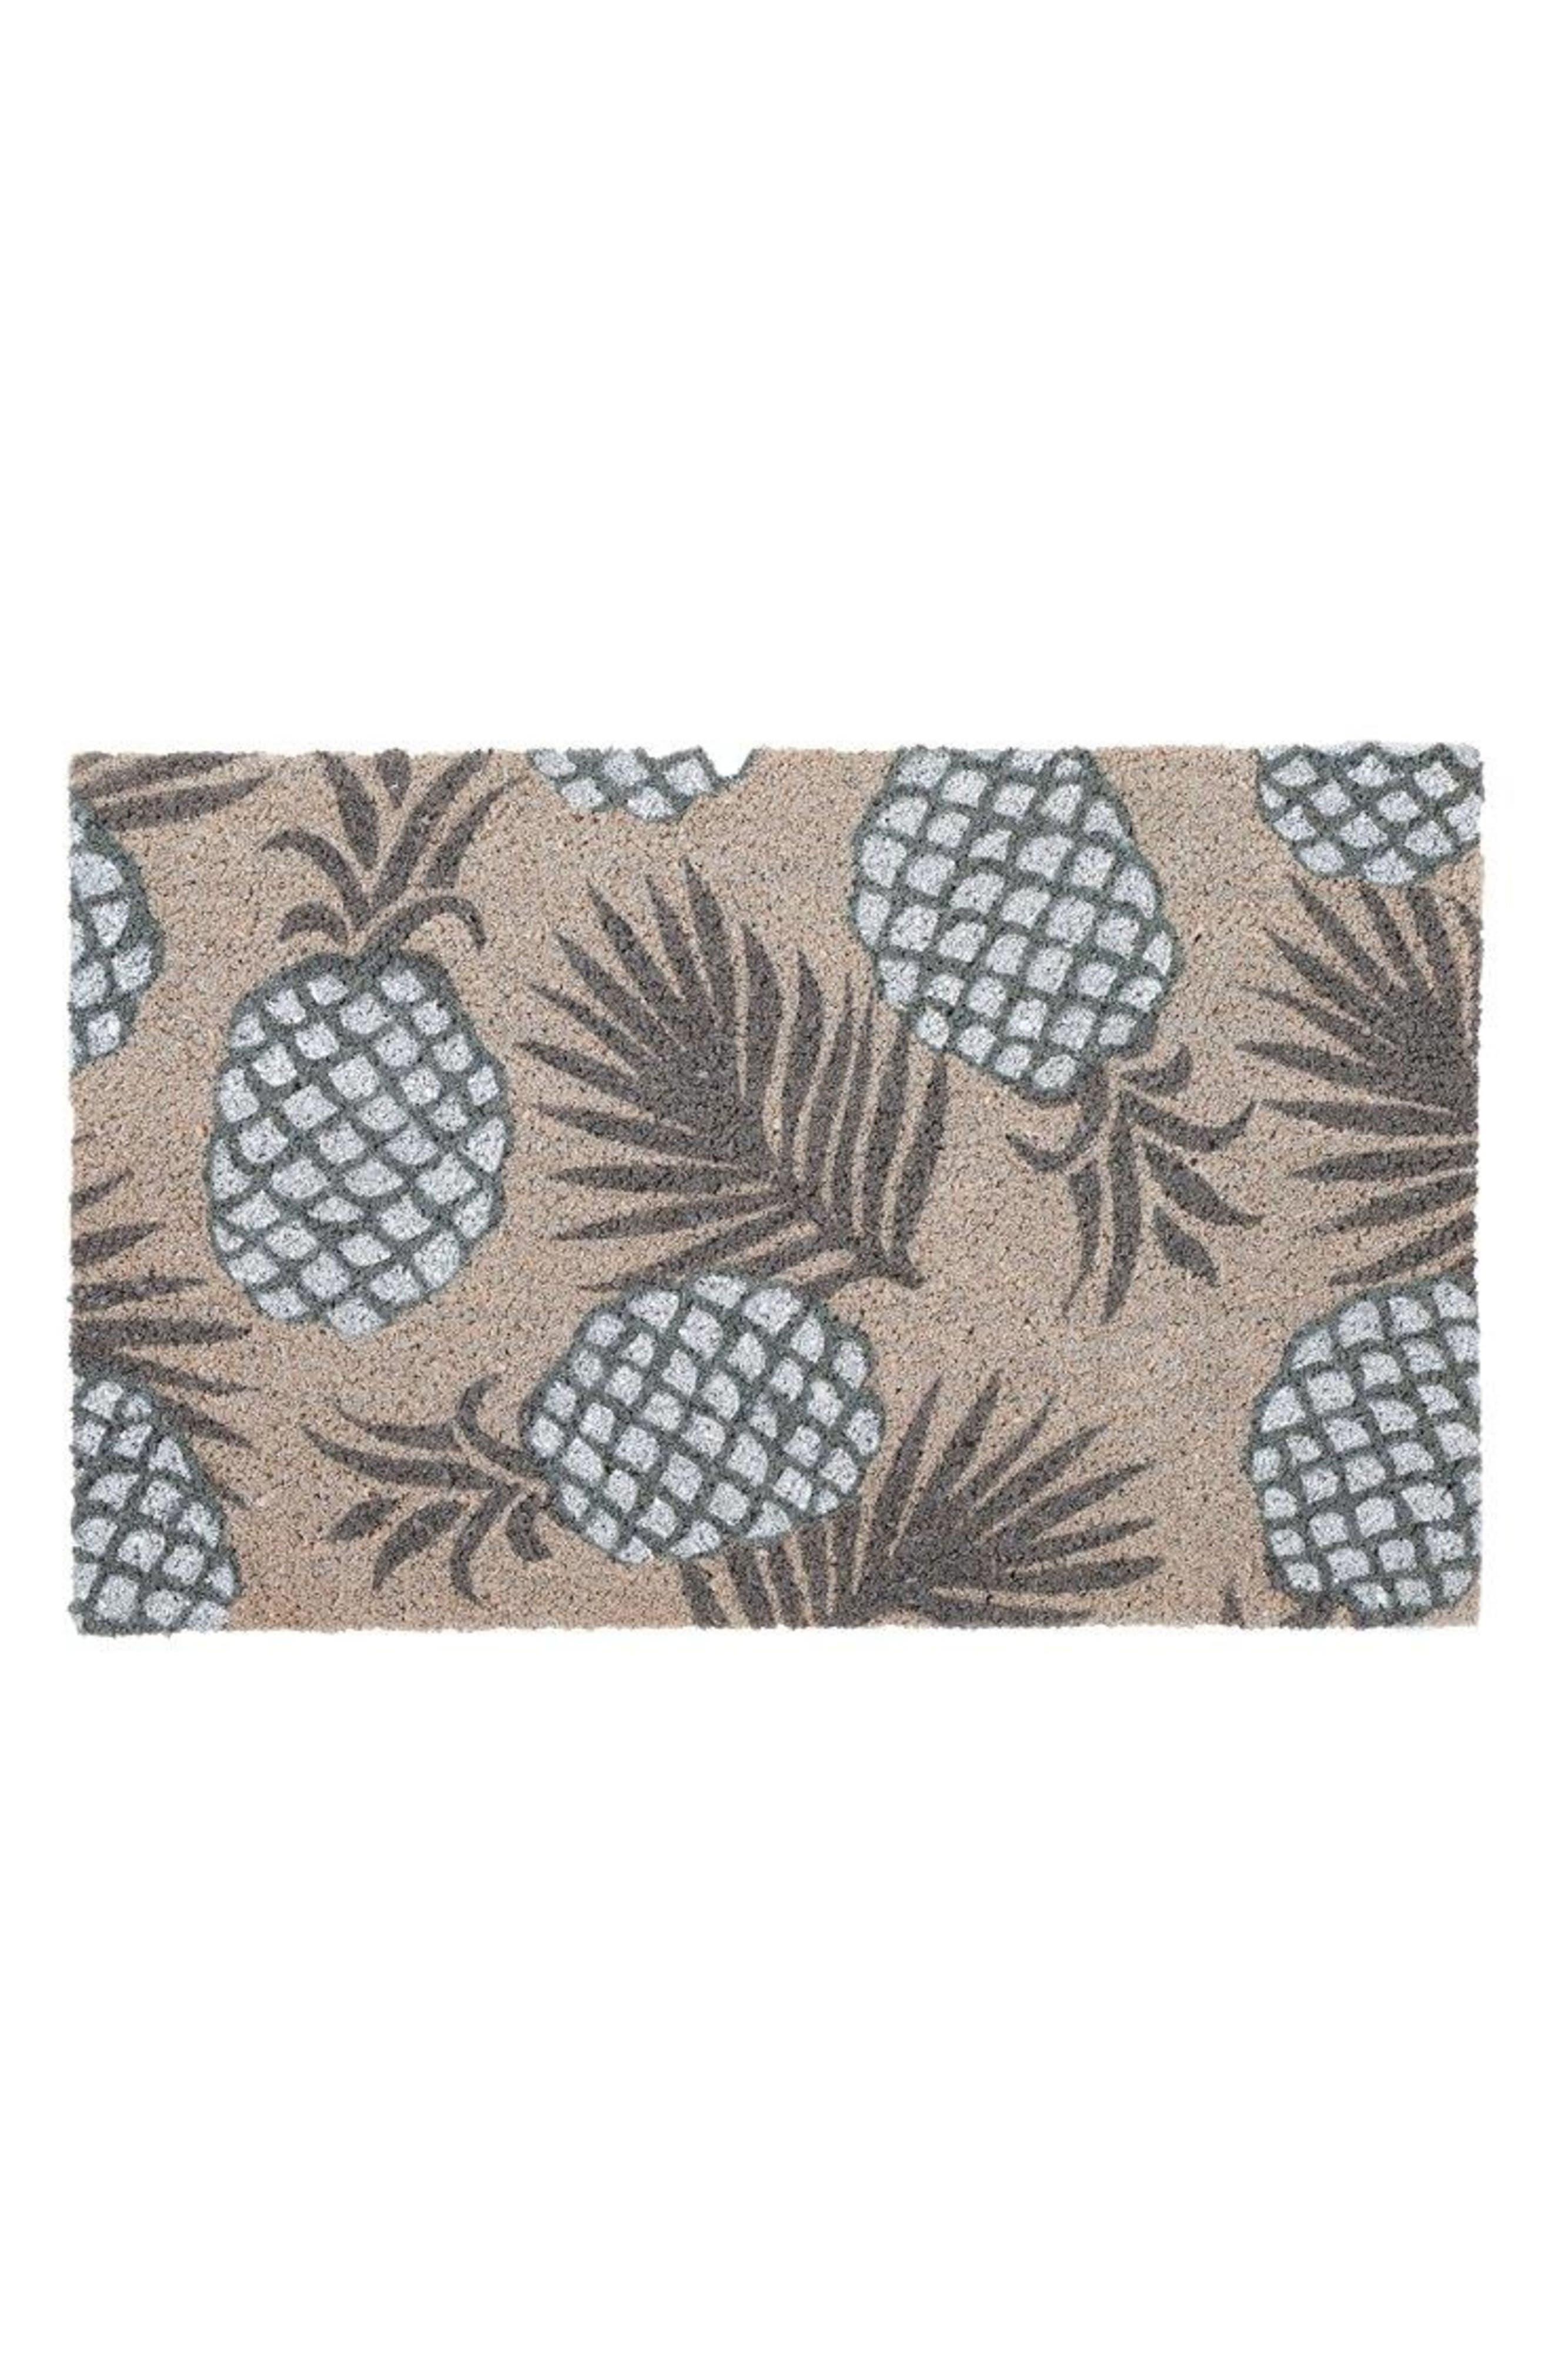 Pineapple Door Mat,                         Main,                         color, Multi